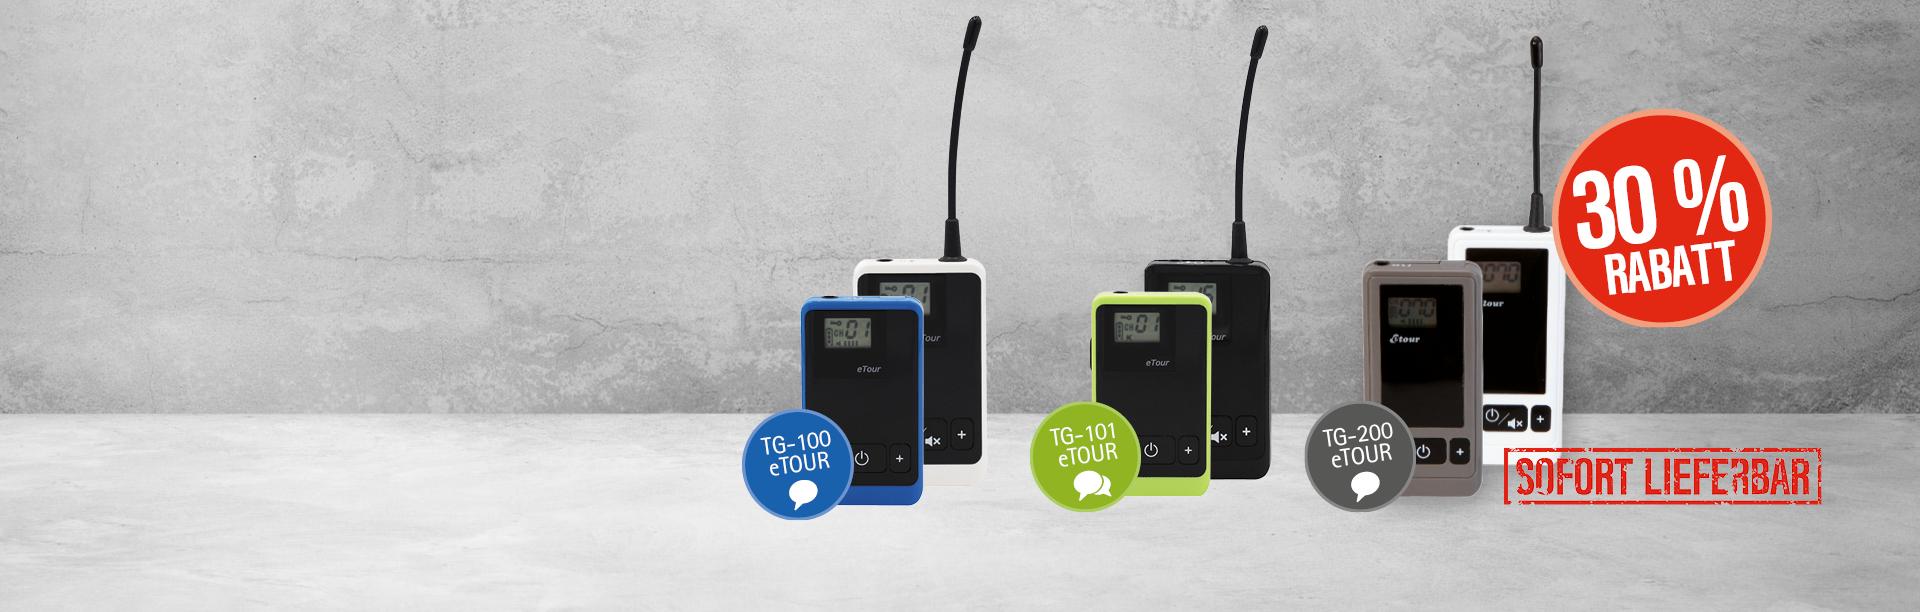 Personenführungsanlage Rabatt TOM-Audio Angebot